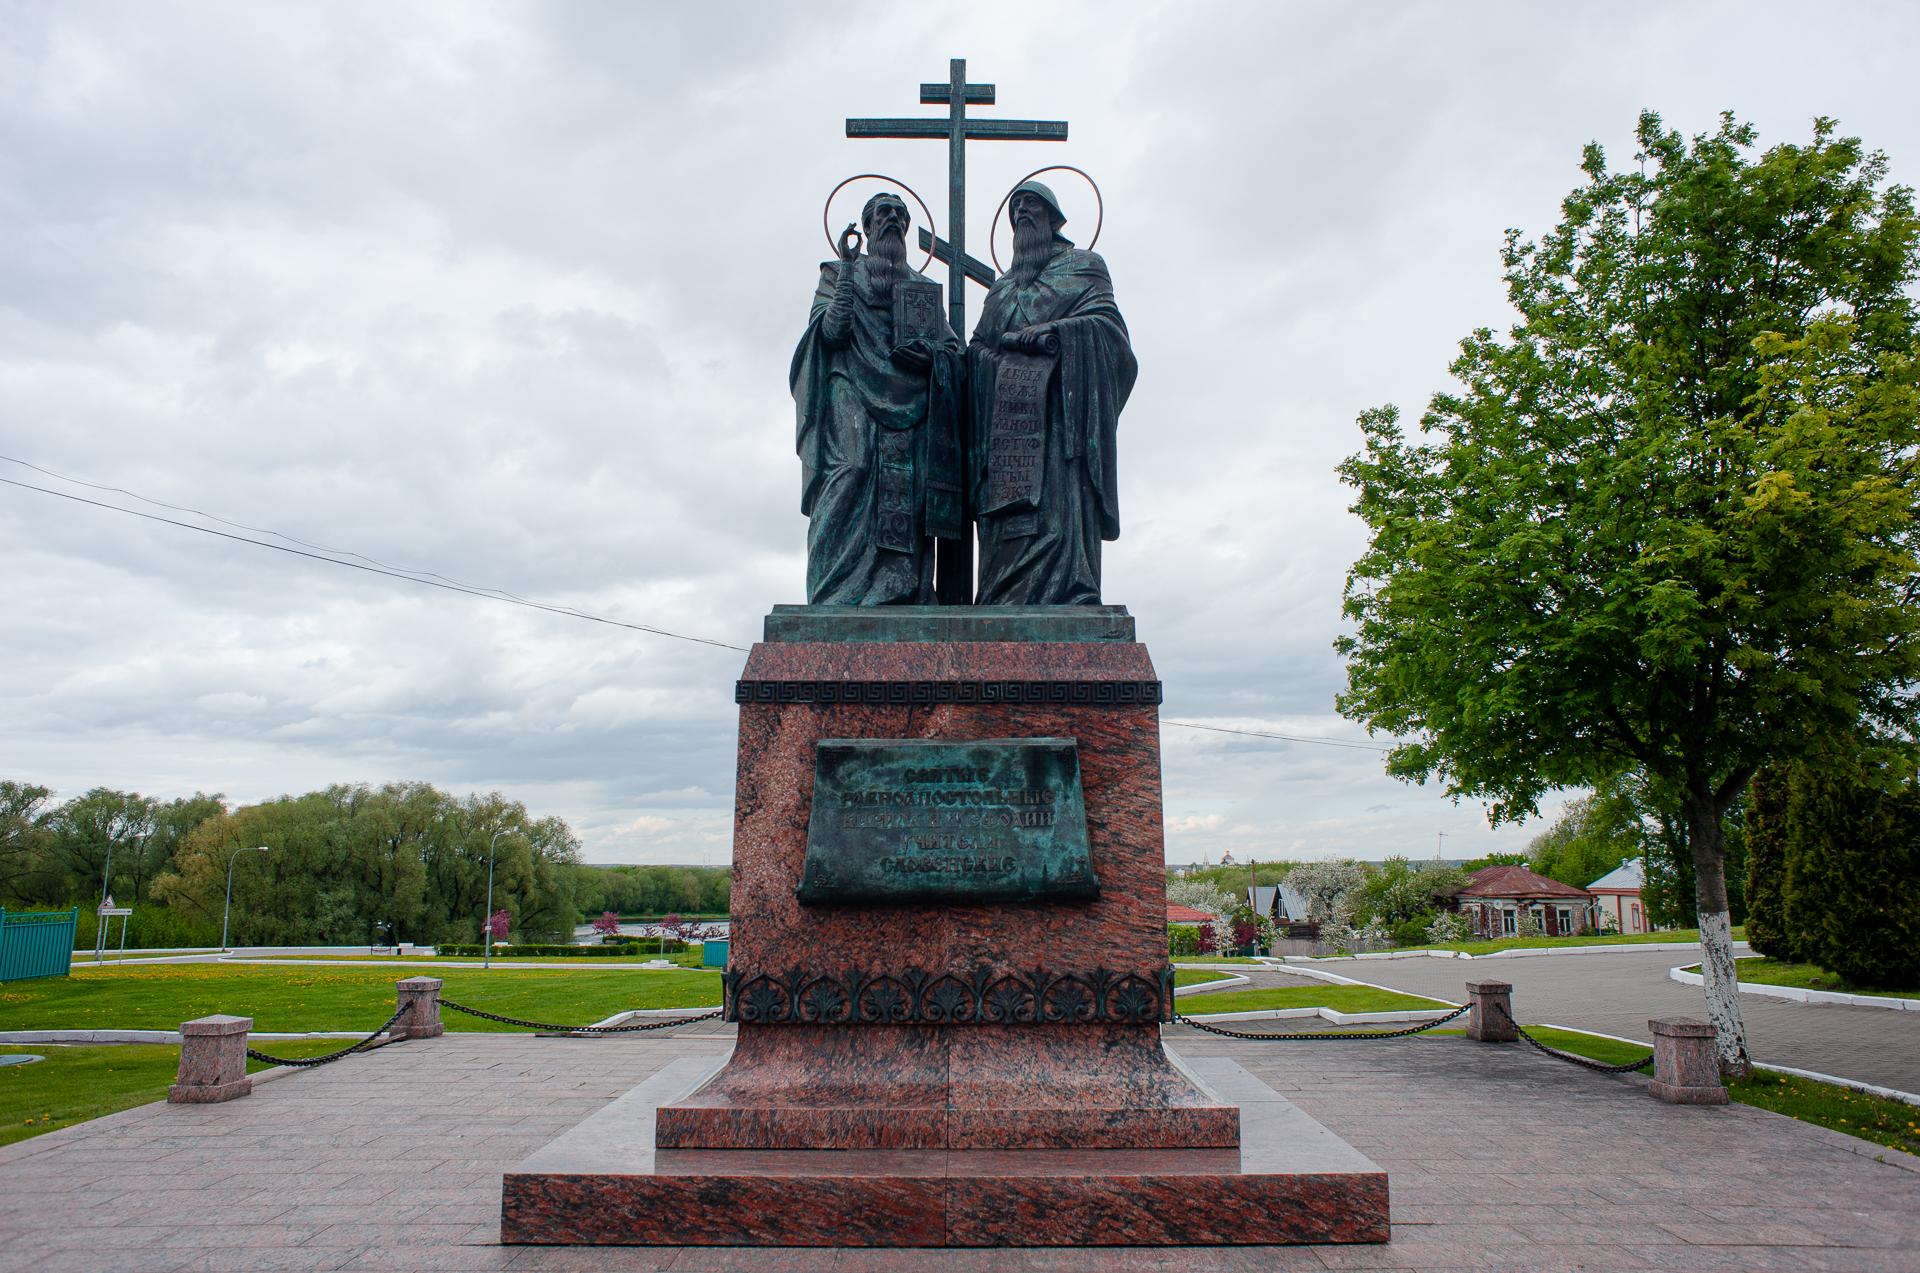 Коломна, Коломенский Кремль, Кирилл и Мефодий